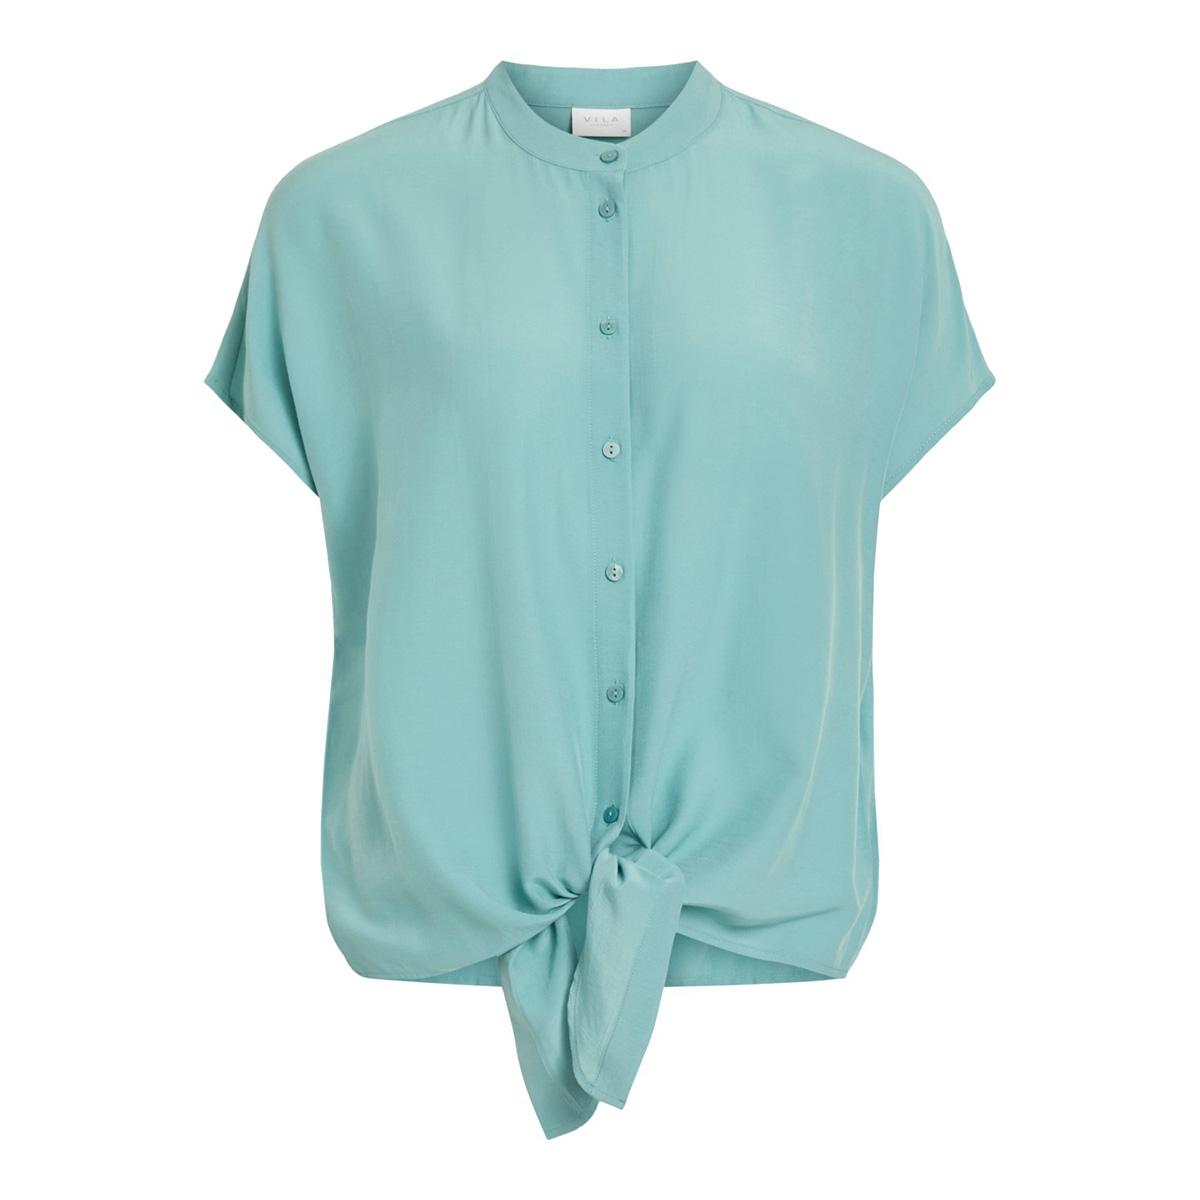 vithoma tie shirt-fav nx 14053485 vila blouse oil blue